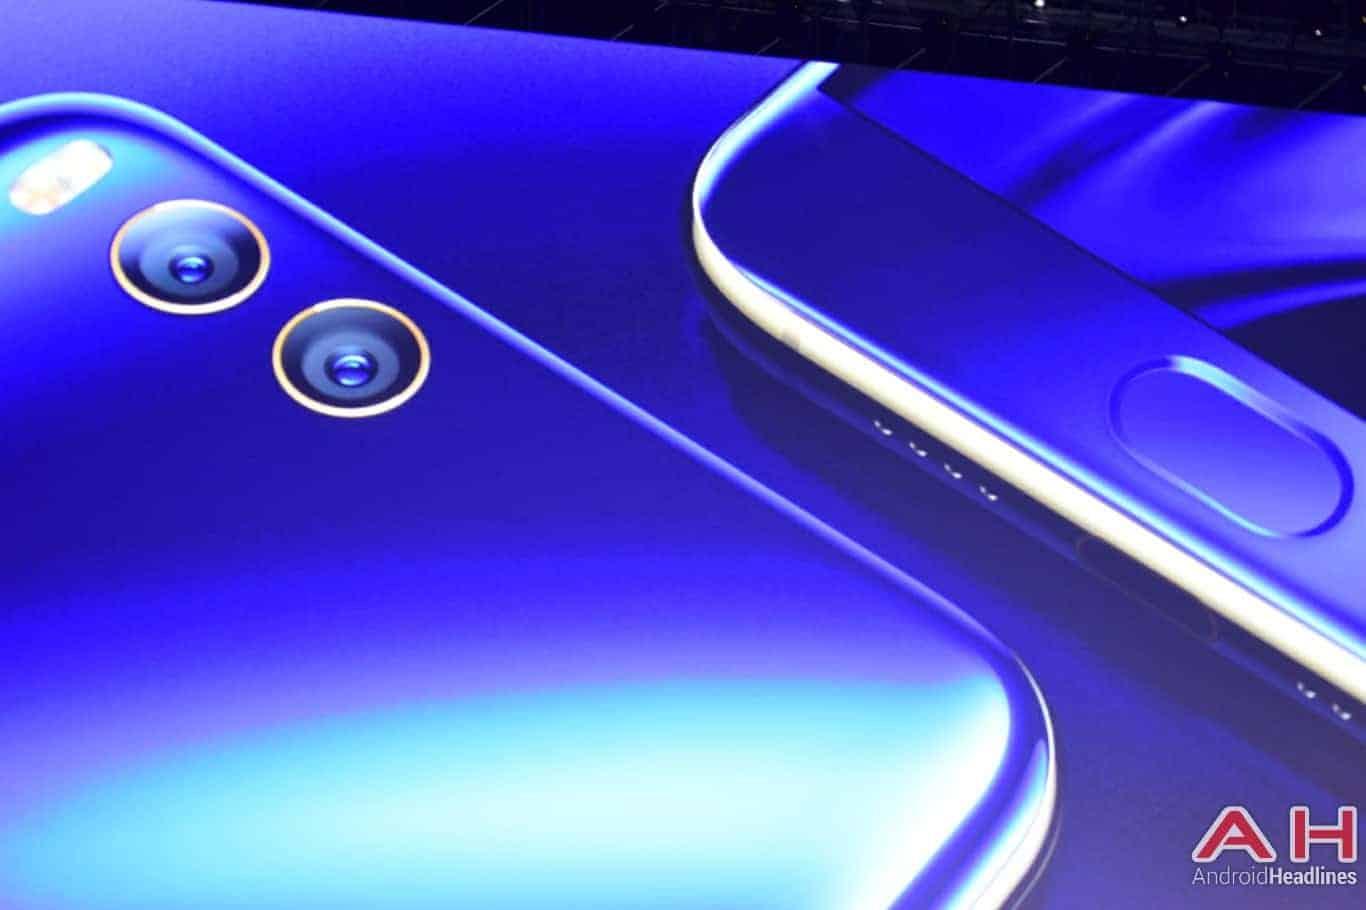 AH Xiaomi Mi 6 keynote 4